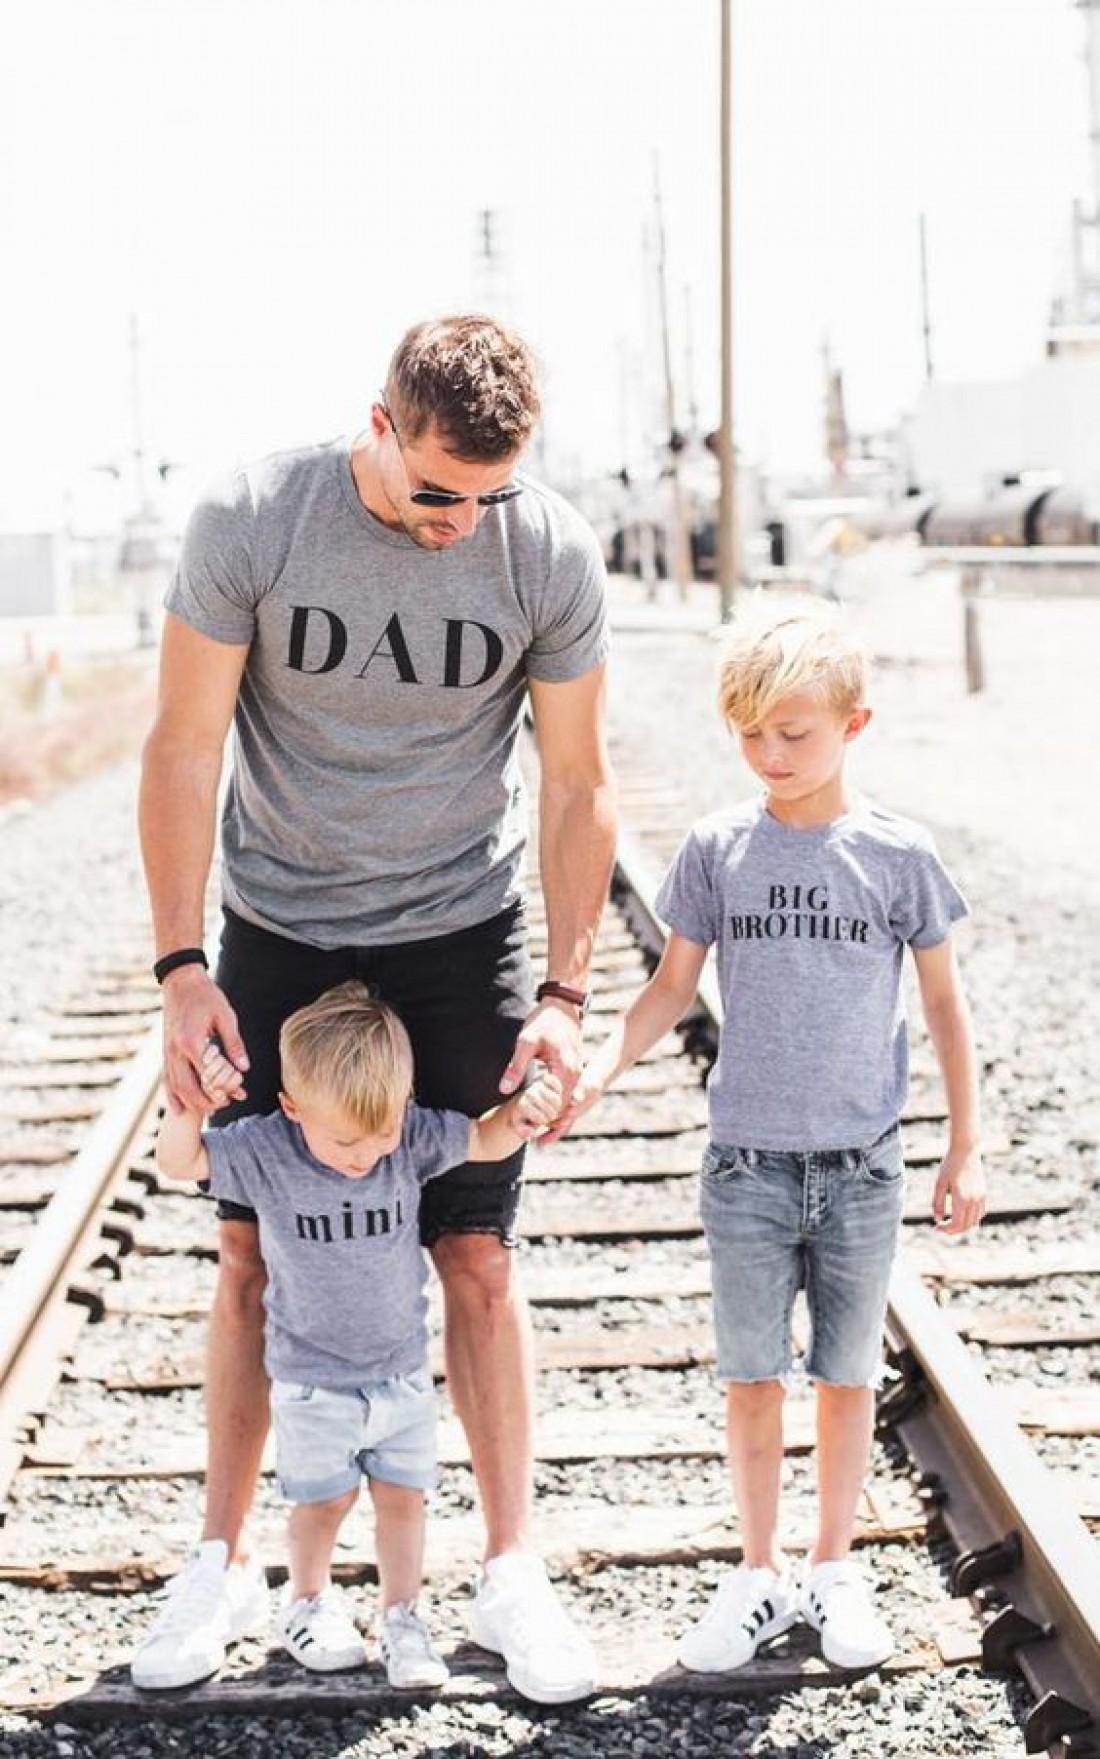 Родители должны воспитывать детей